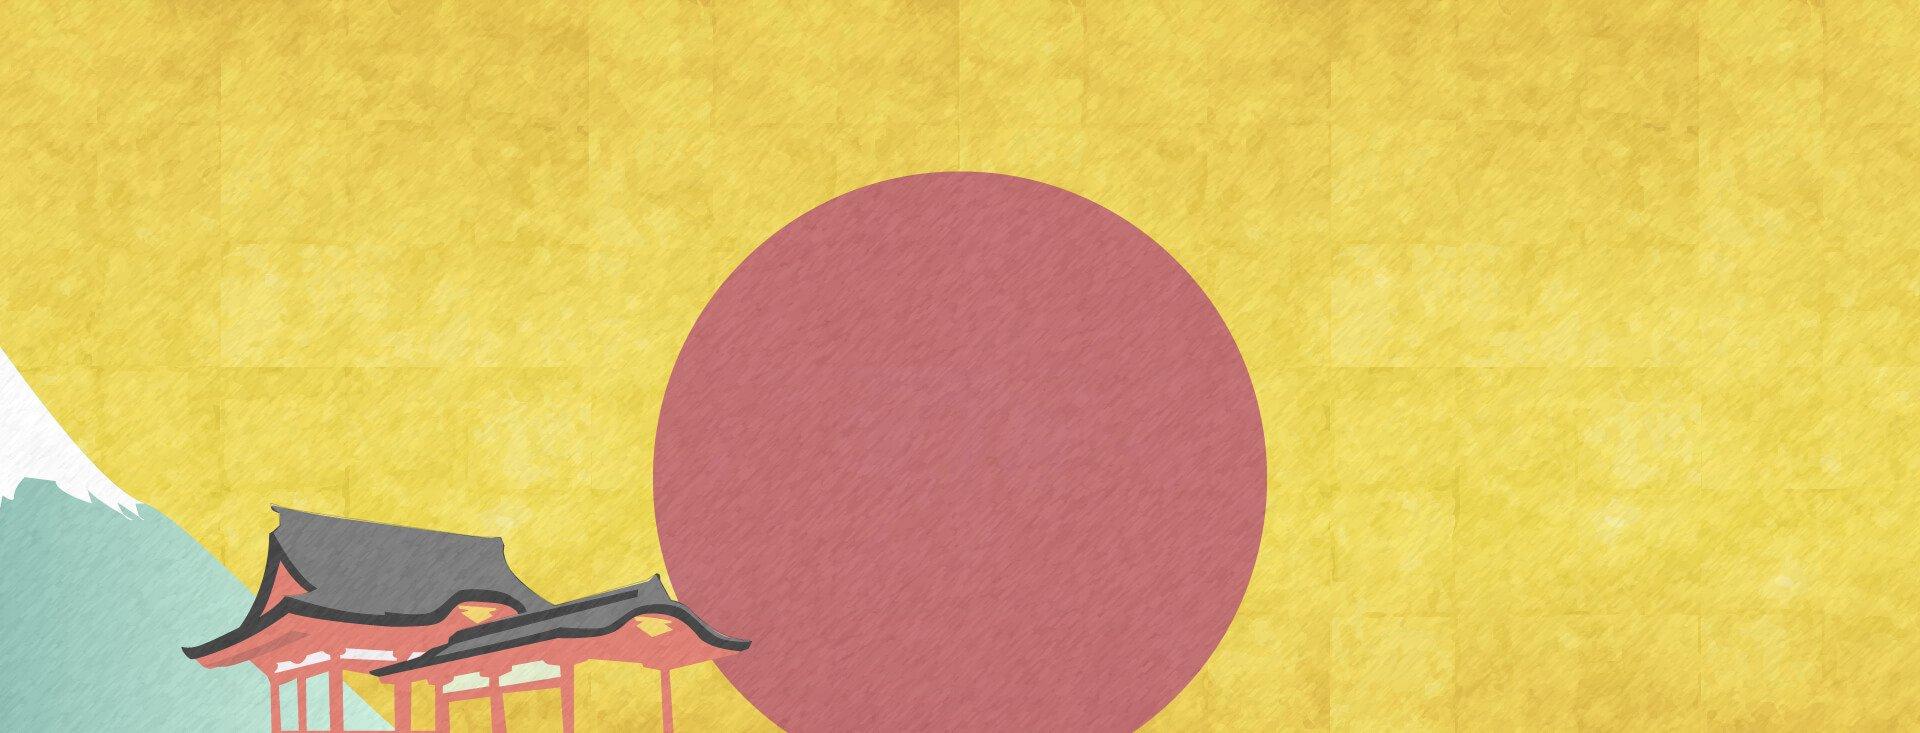 枚方市を中心に大阪・京都・奈良でのWEB制作ならひだちデザイン